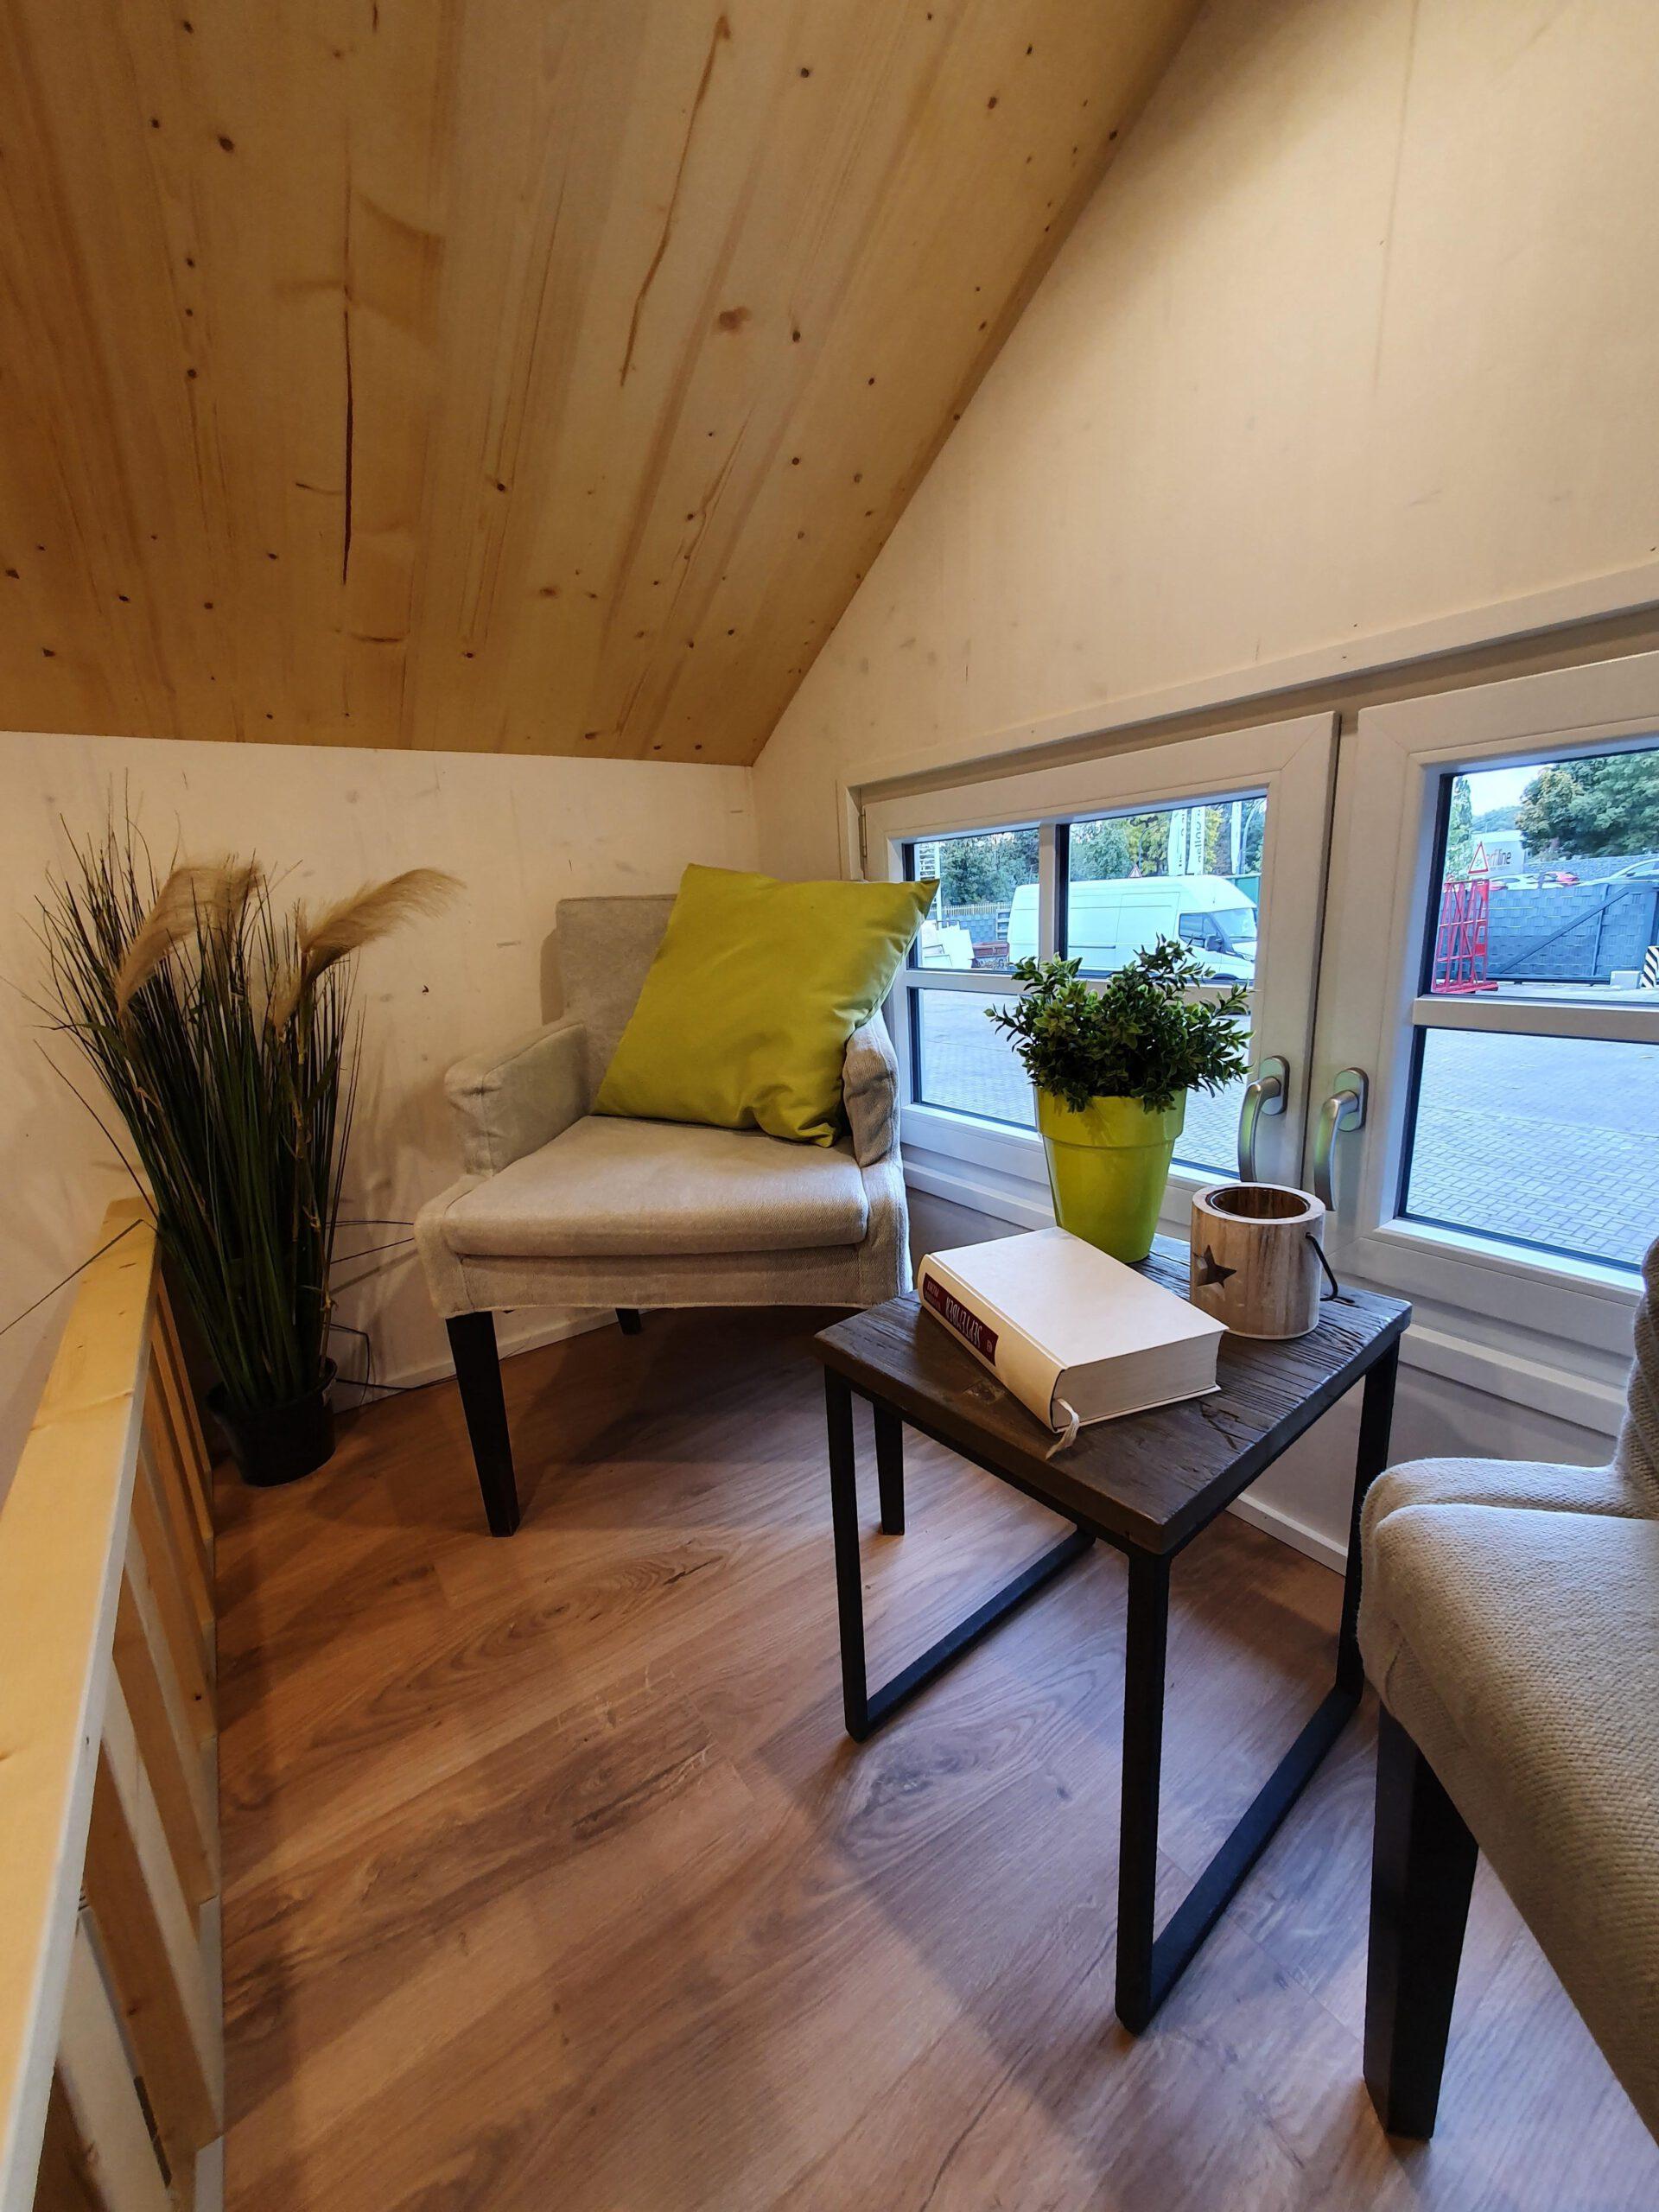 Wohnbereich im Loft mit Sesseln und kleinem Tischchen